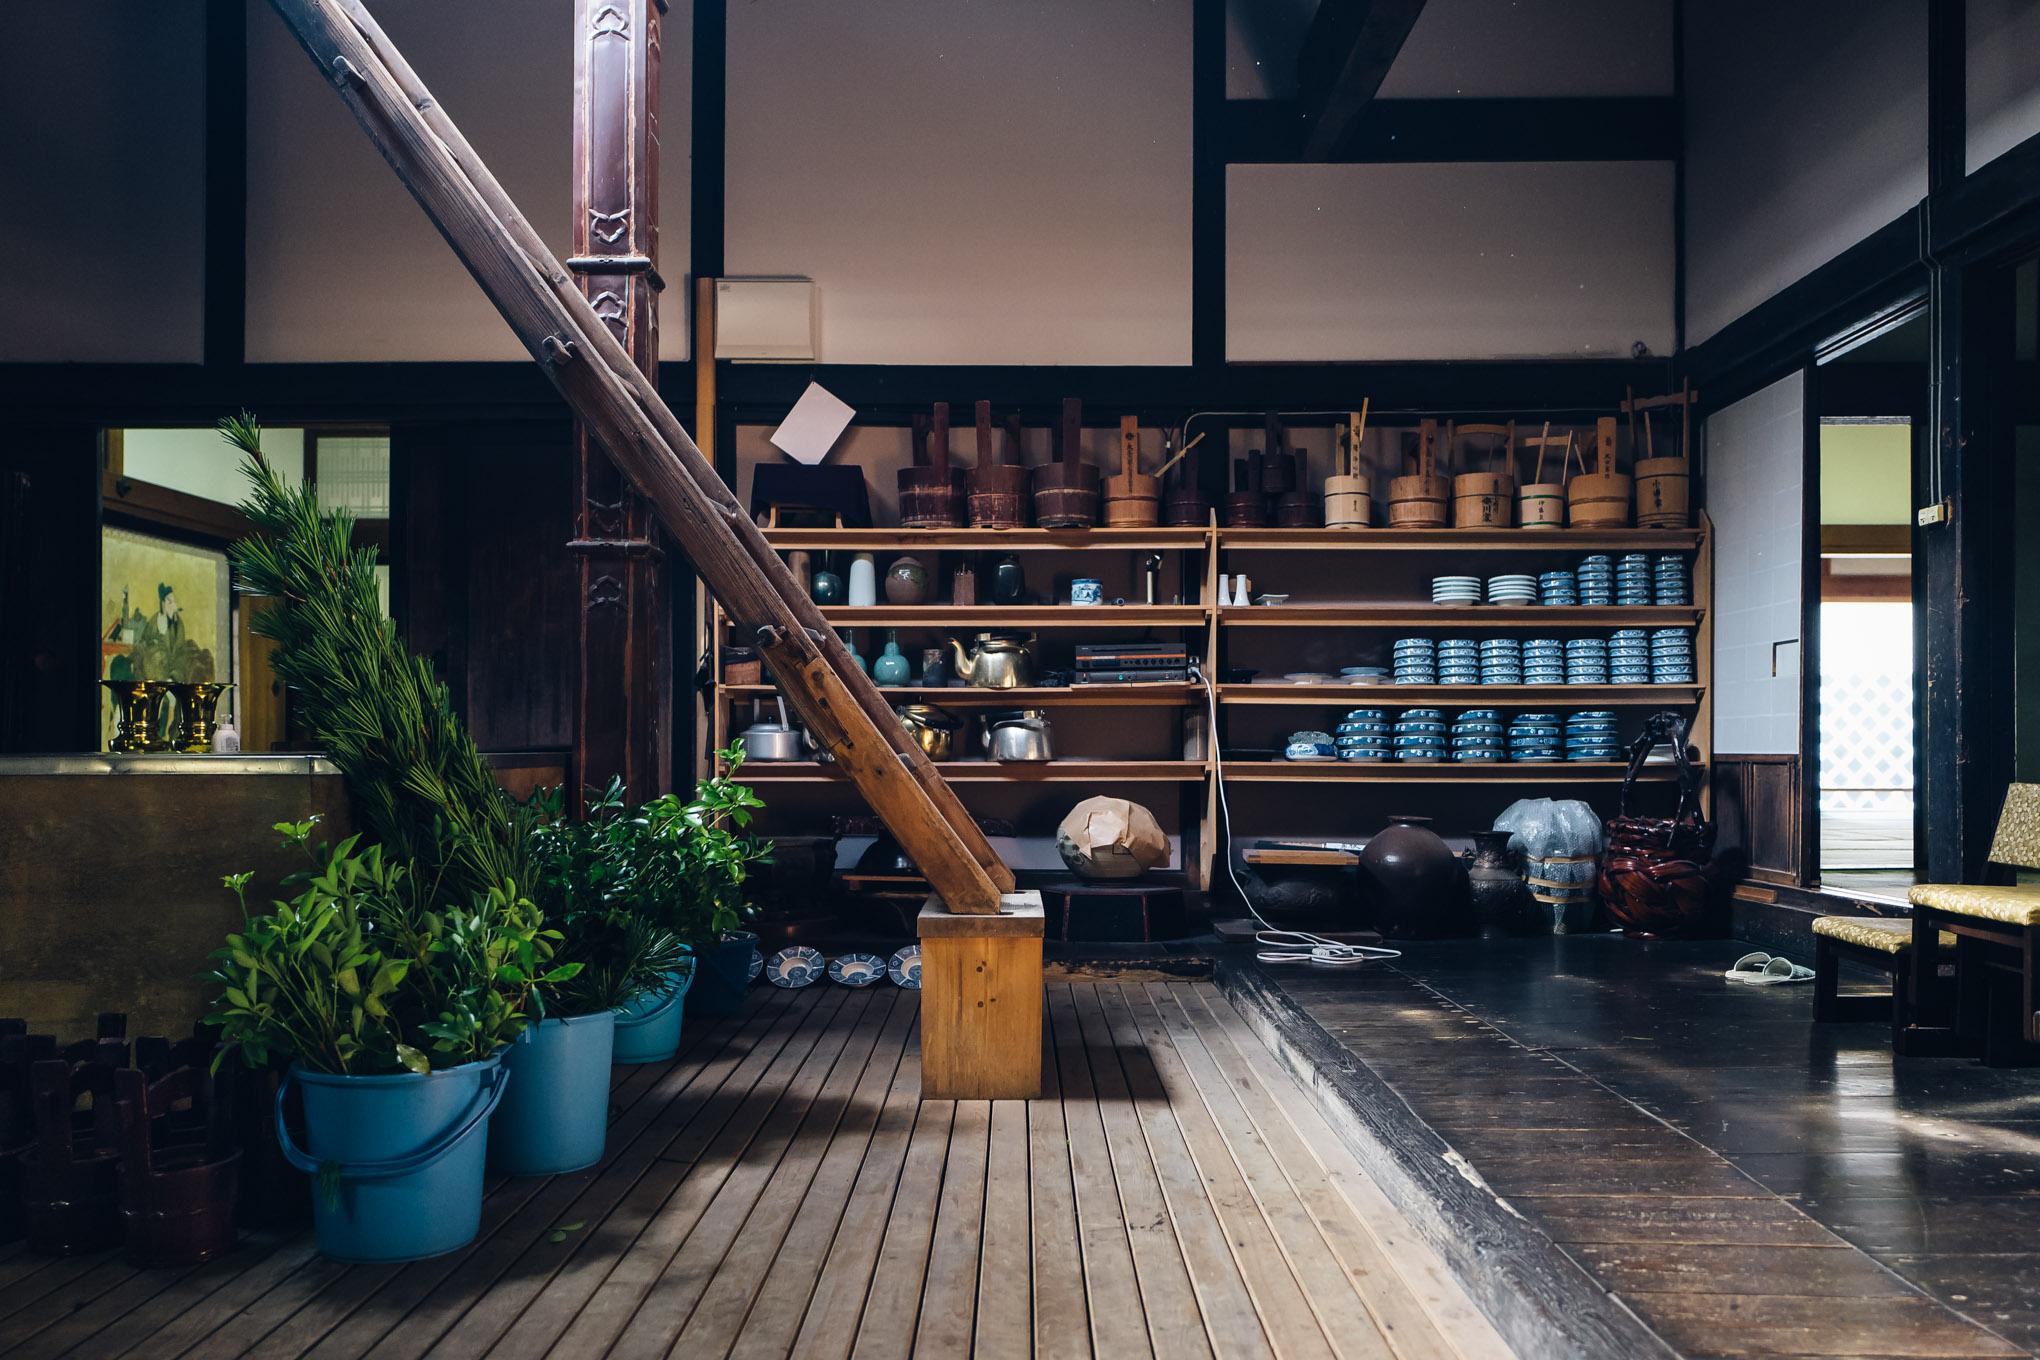 Shojoshin-in Temple, Koyasan, Japan